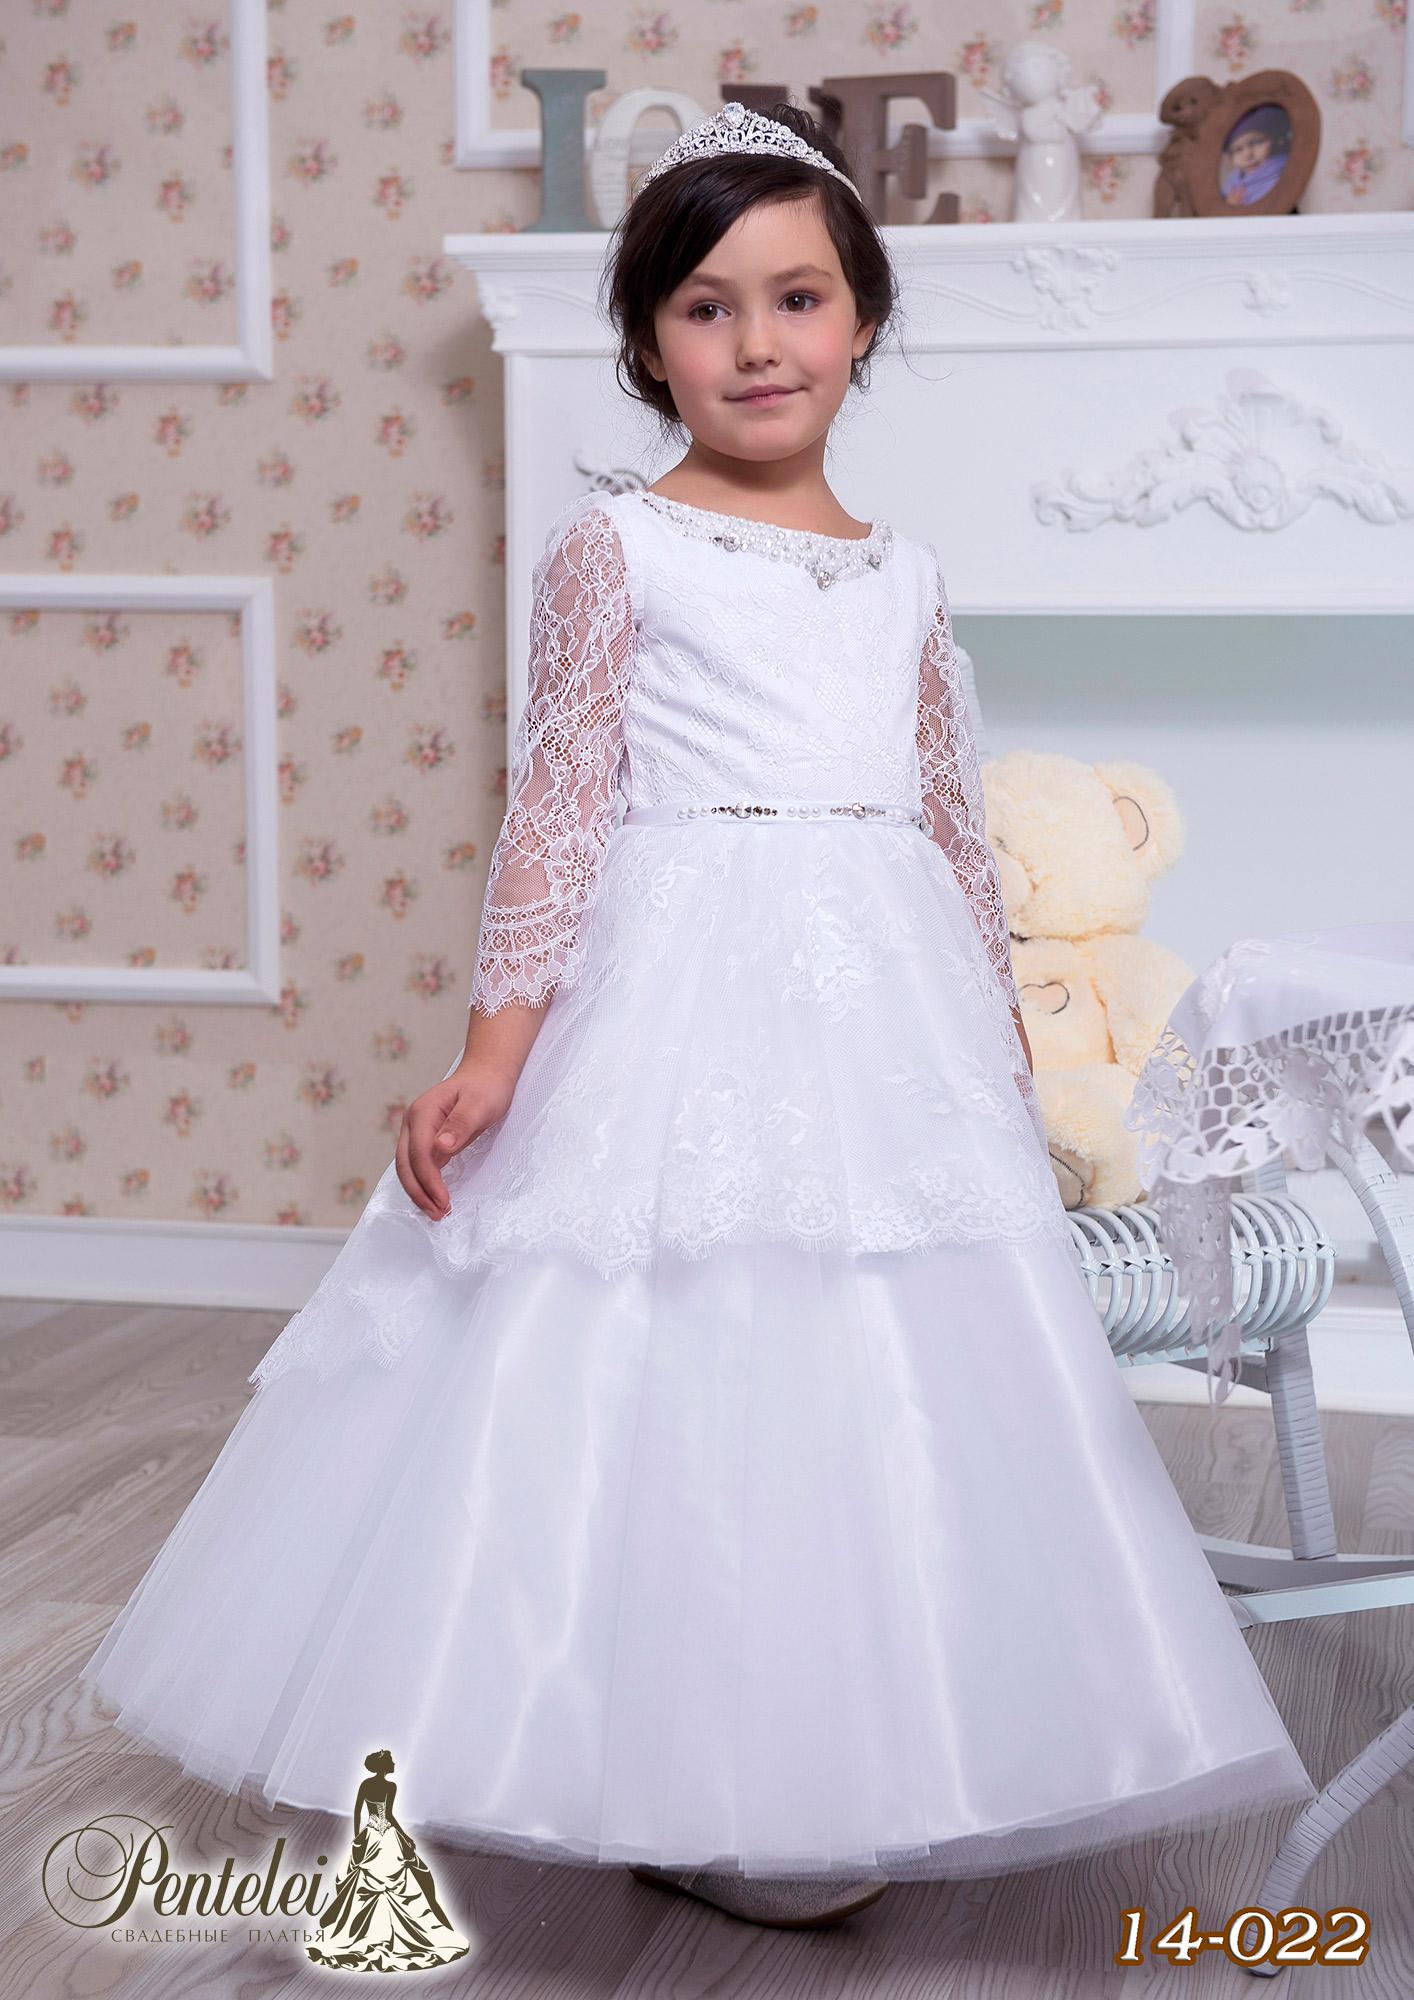 14-022   Купити дитячі сукні оптом від Pentelei